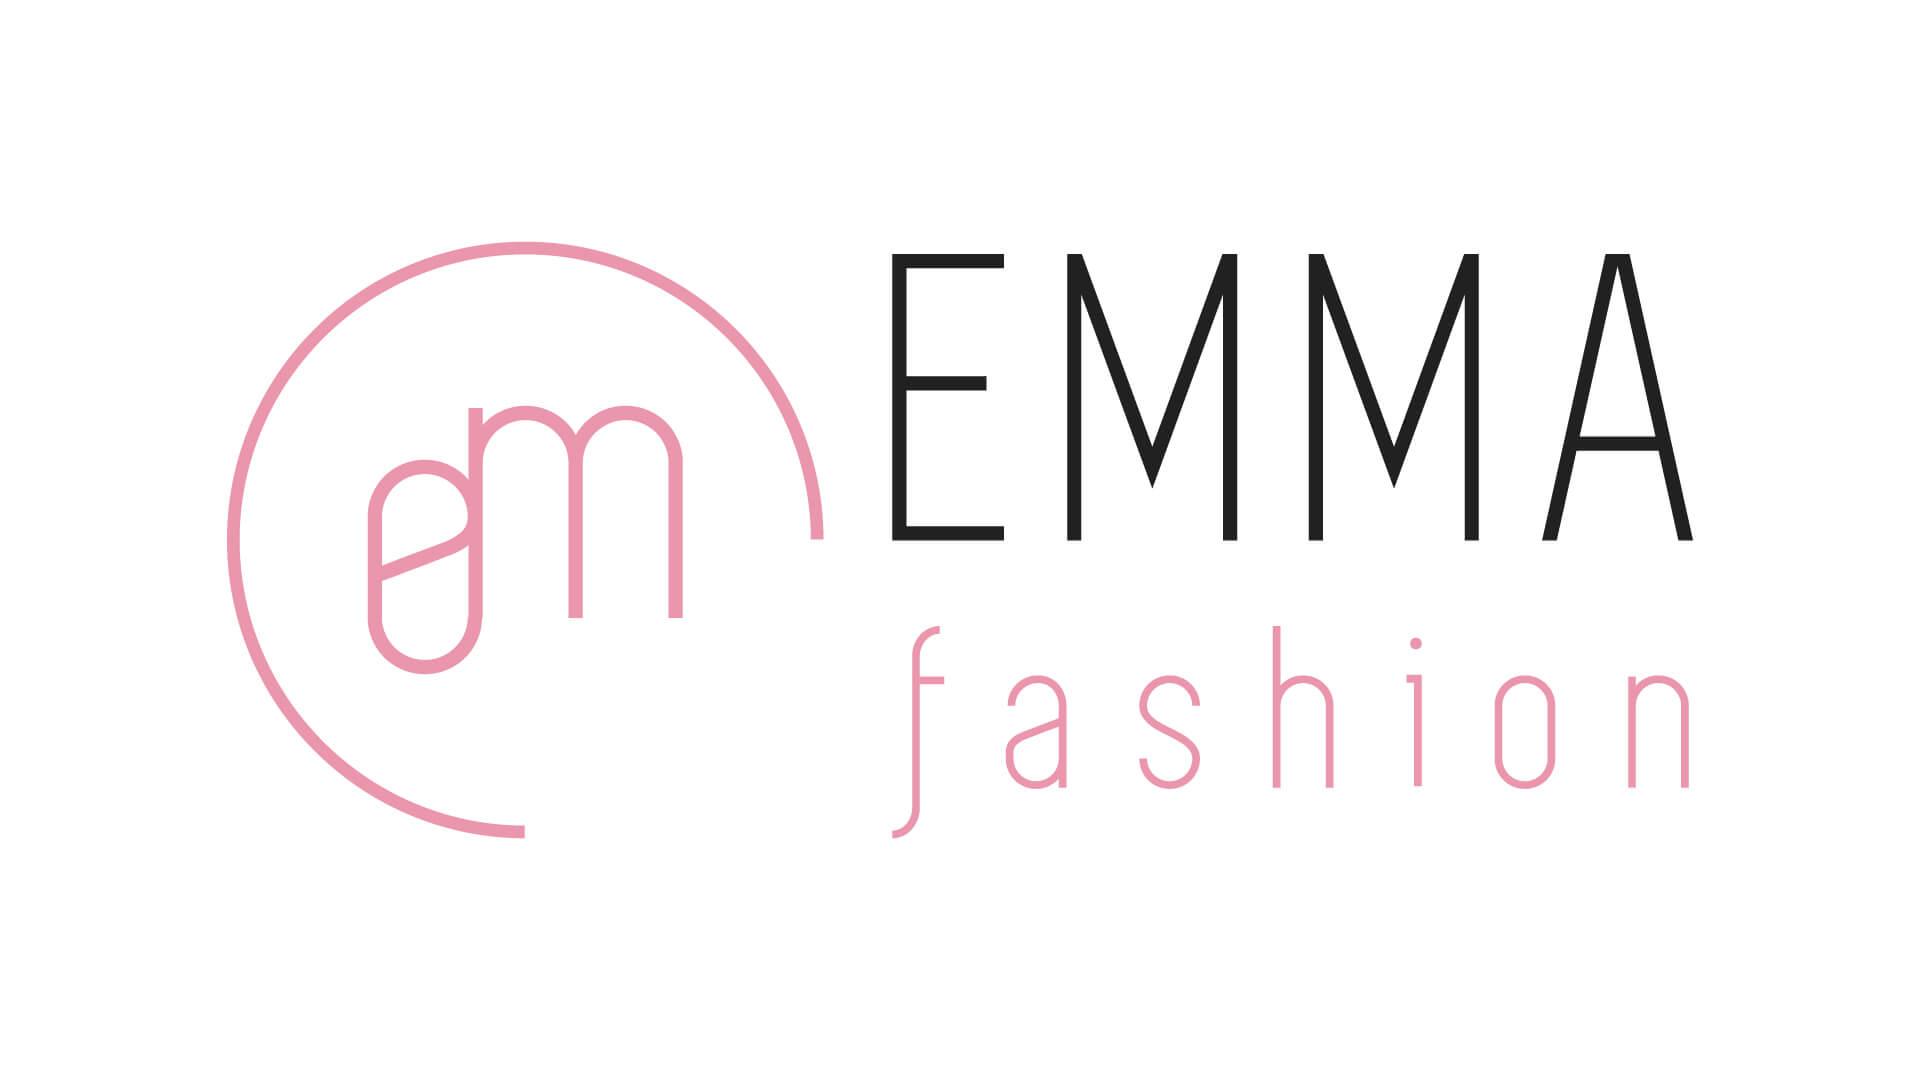 Vytvorenie loga módnej značky oblečenia od marketingovej agentúry